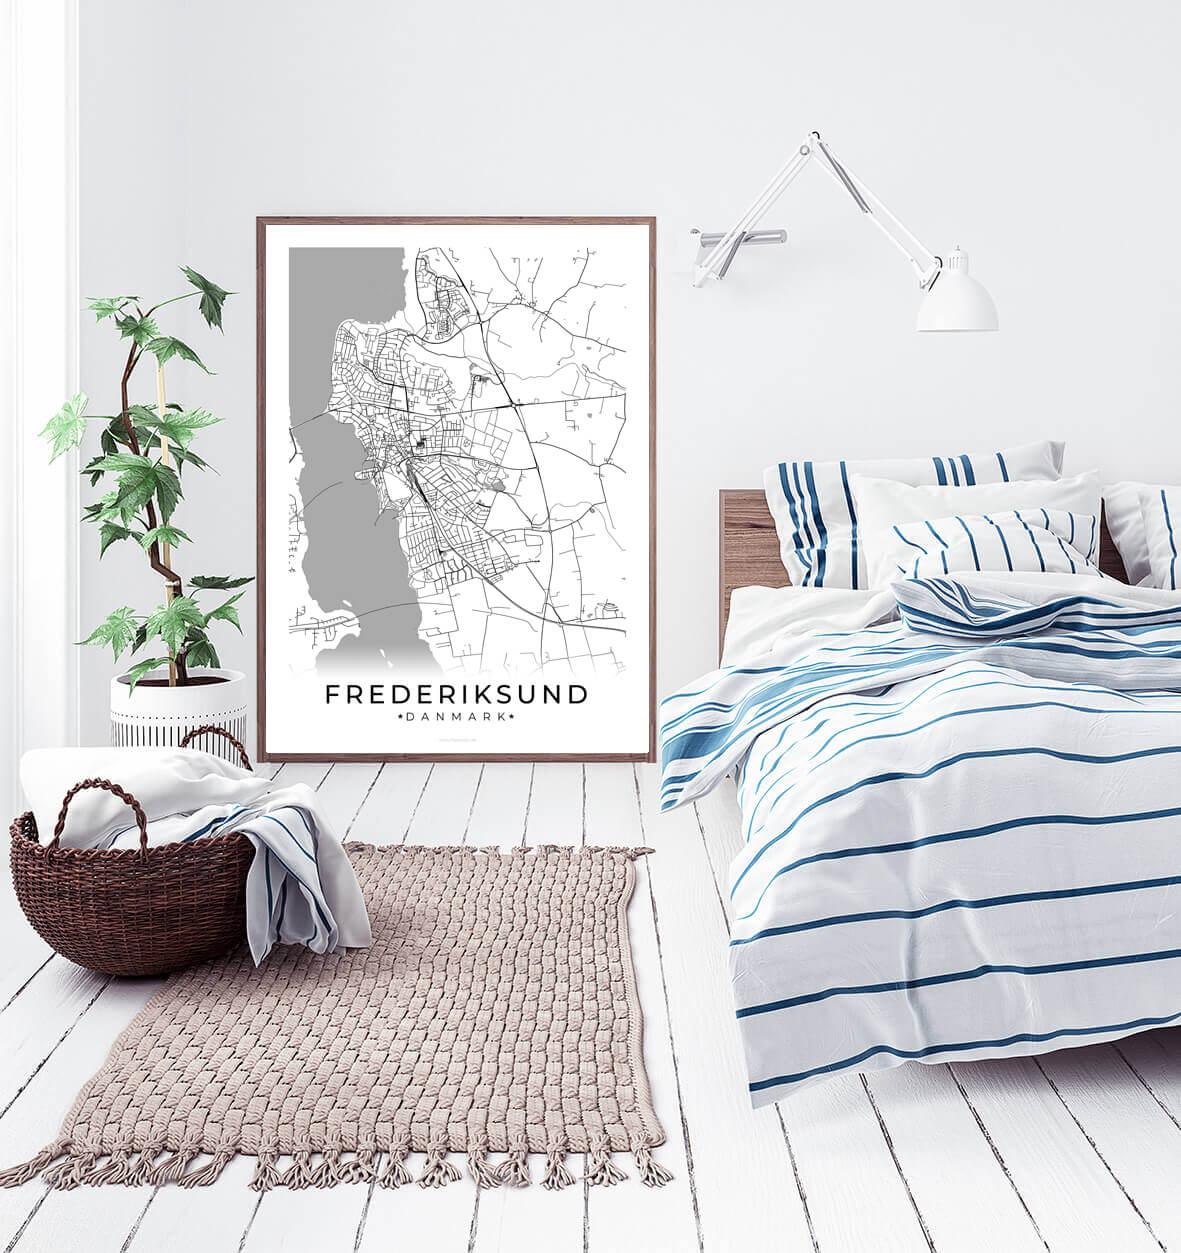 frederikssund-hvid-byplakat-3